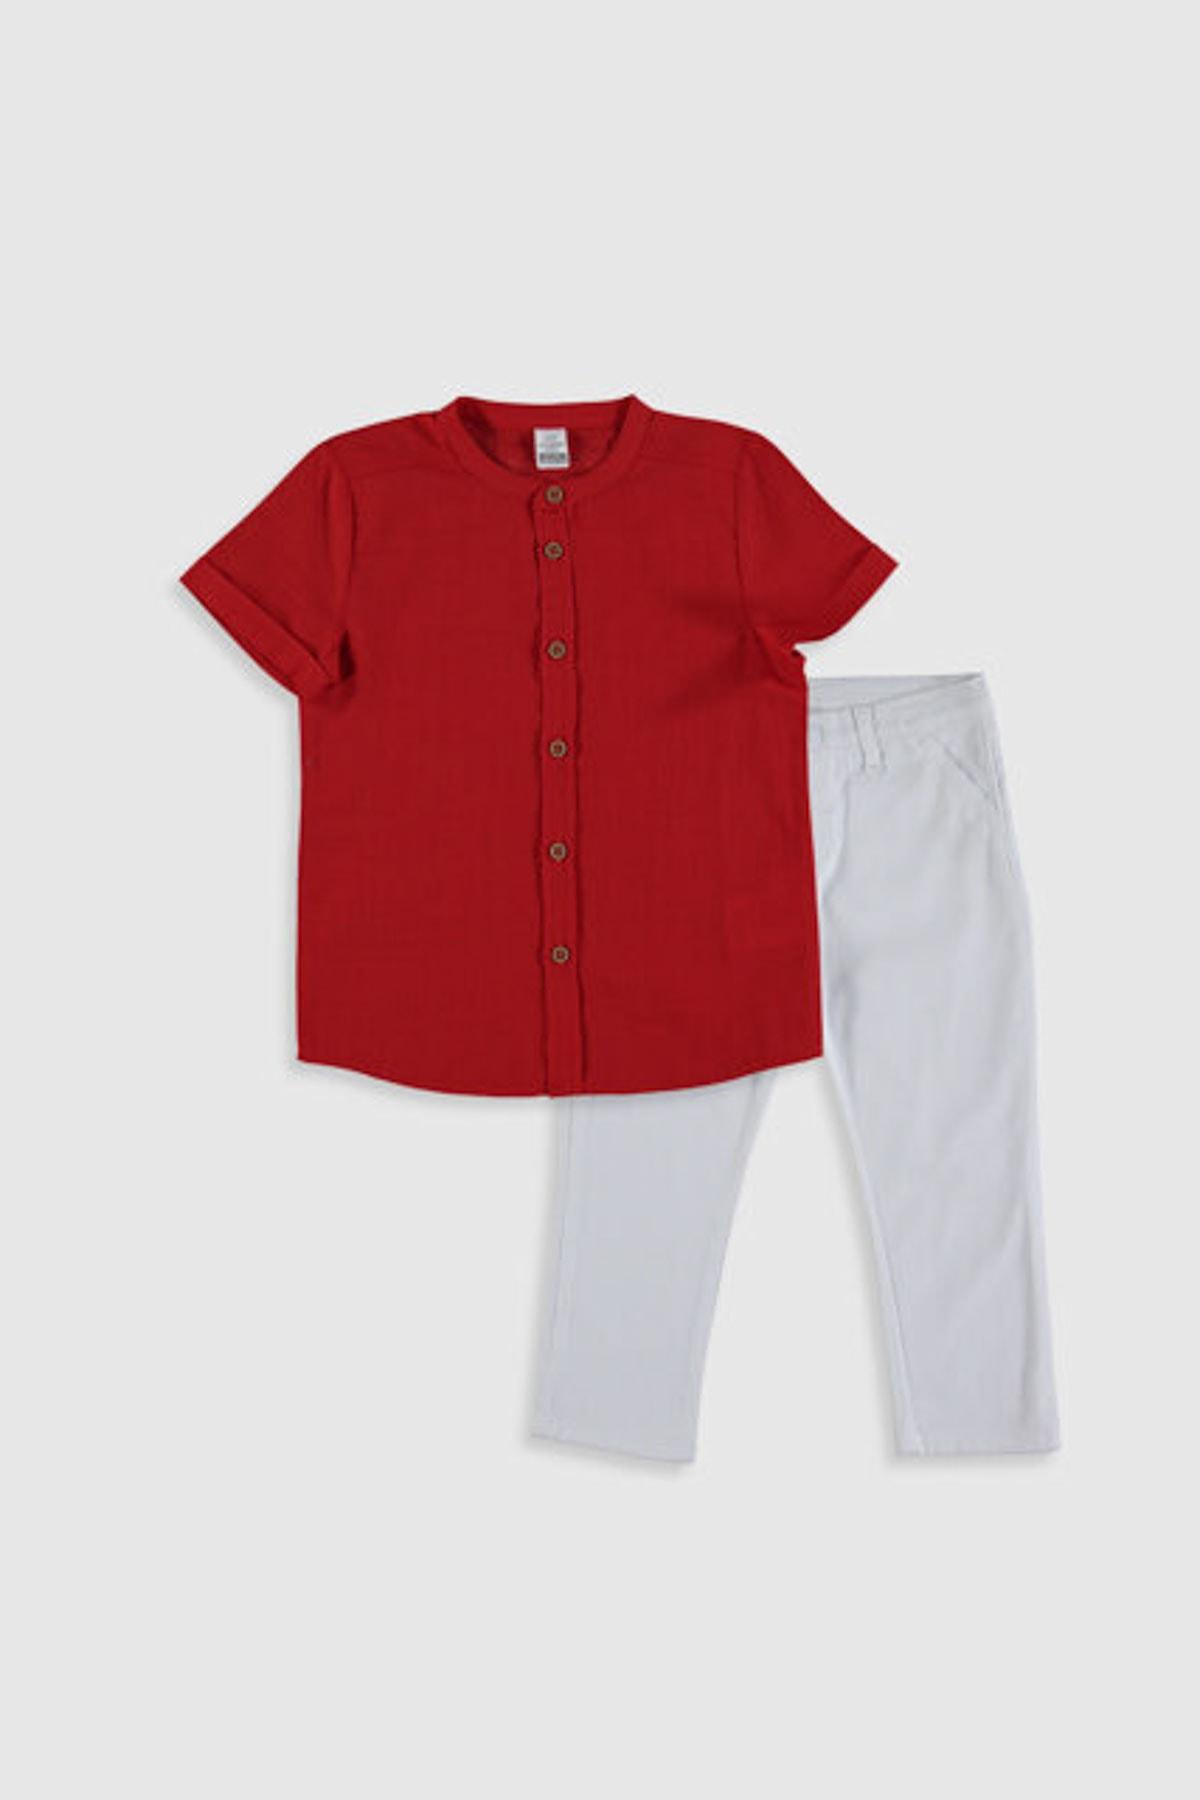 LC Waikiki Erkek Bebek Kırmızı Mtj Bebek Takımları 1